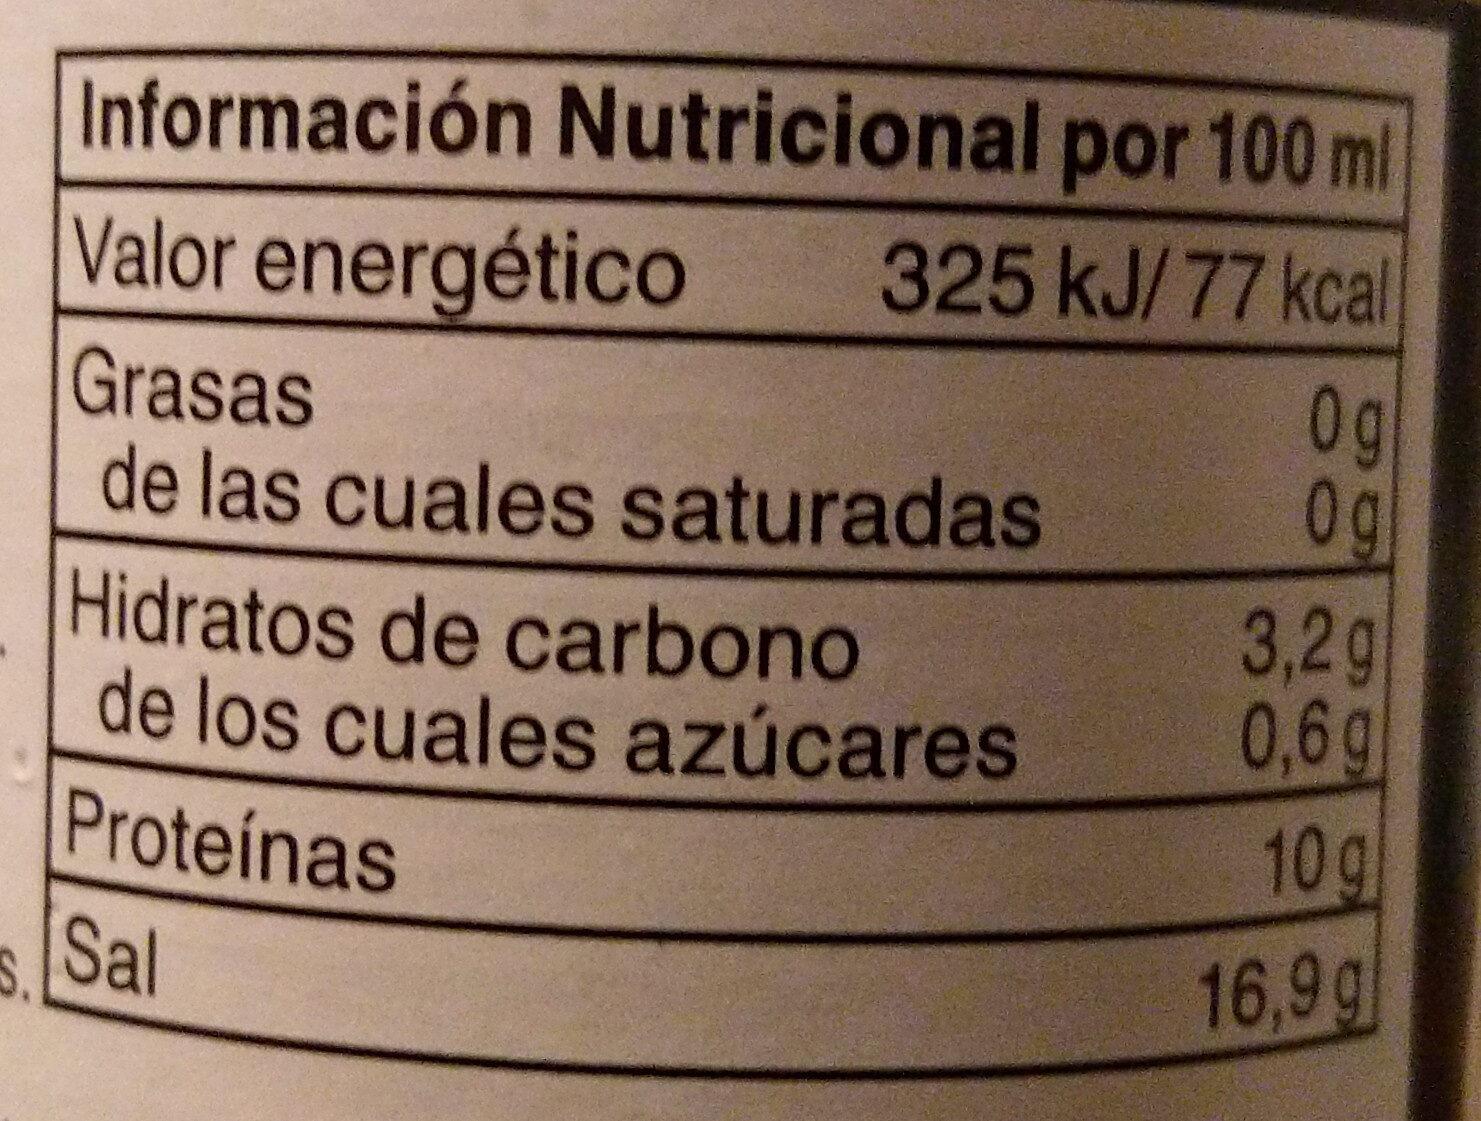 Salsa de Soja - Información nutricional - es